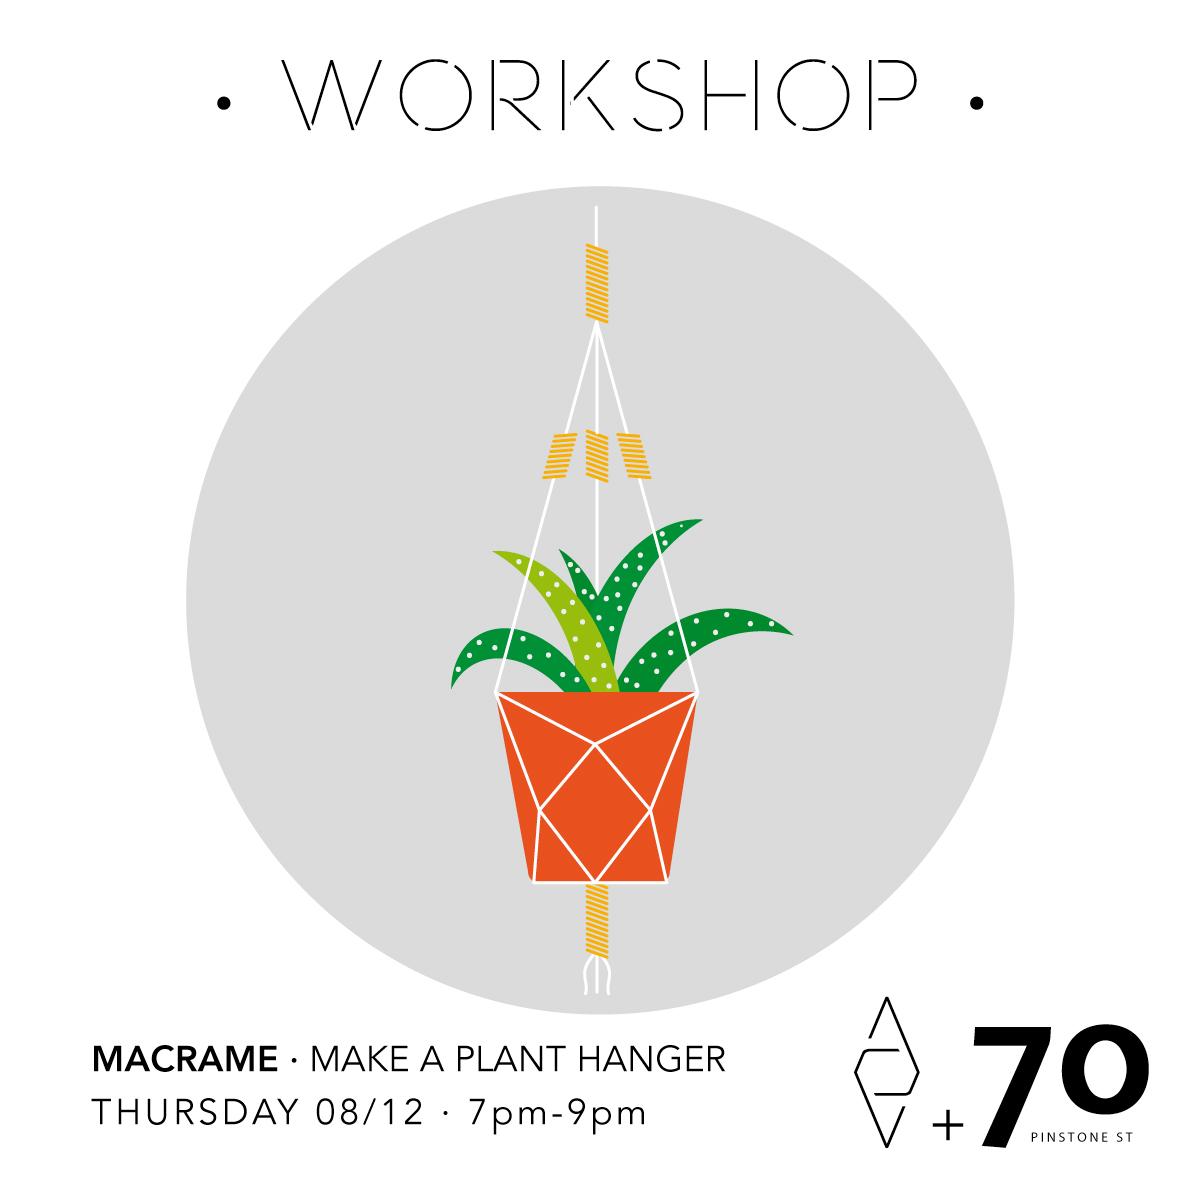 planthanger-workshop2.jpg